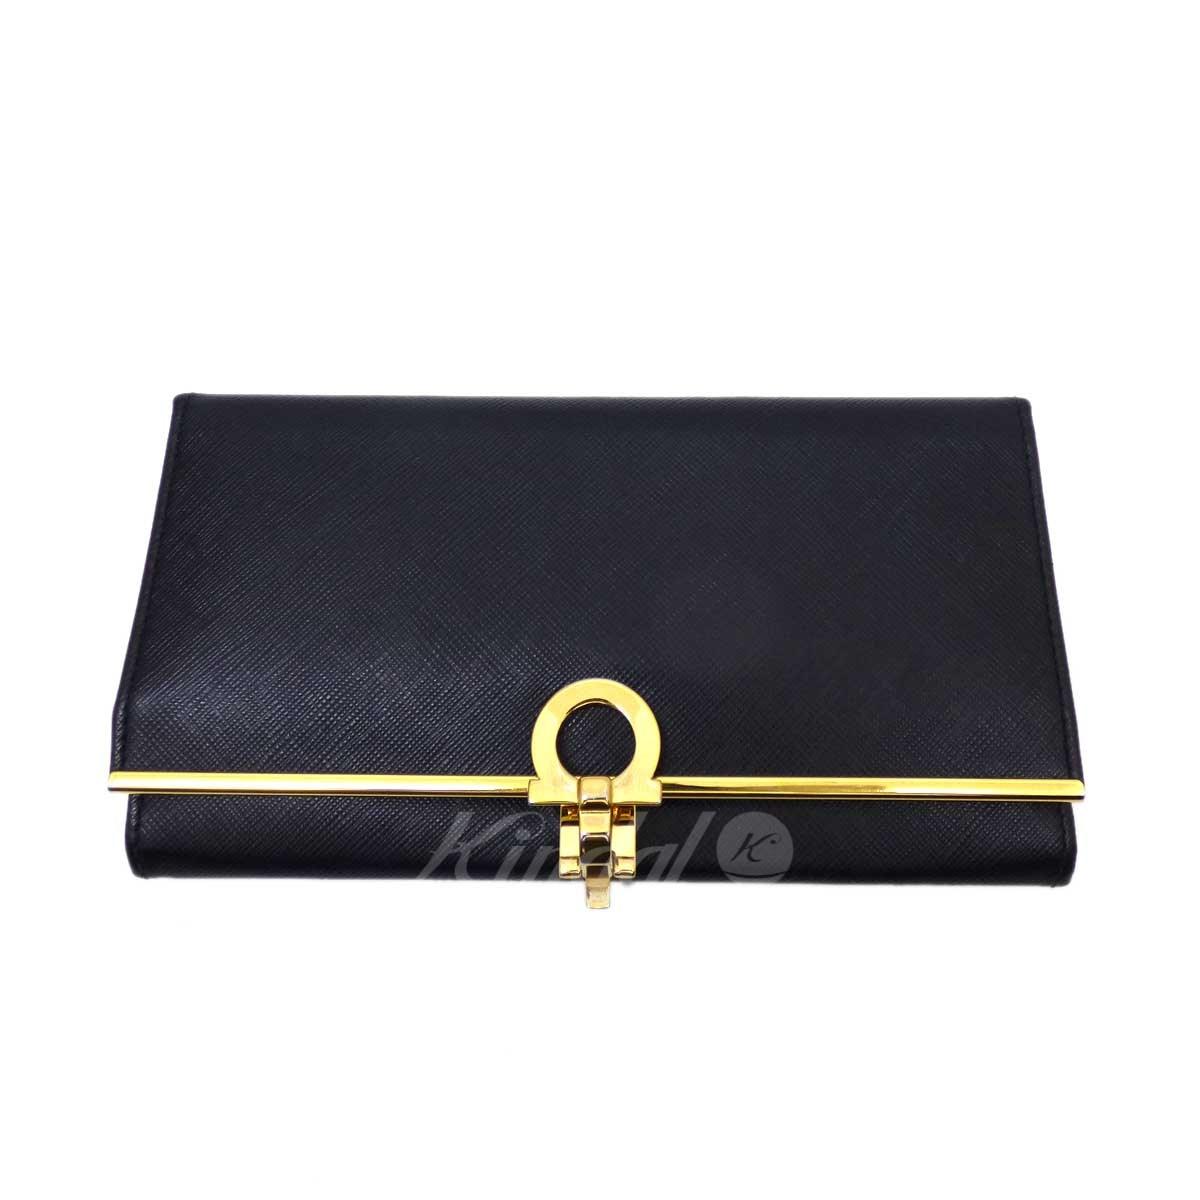 【中古】Salvatore Ferragamo 長財布 ブラック 【280319】(サルヴァトーレフェラガモ)